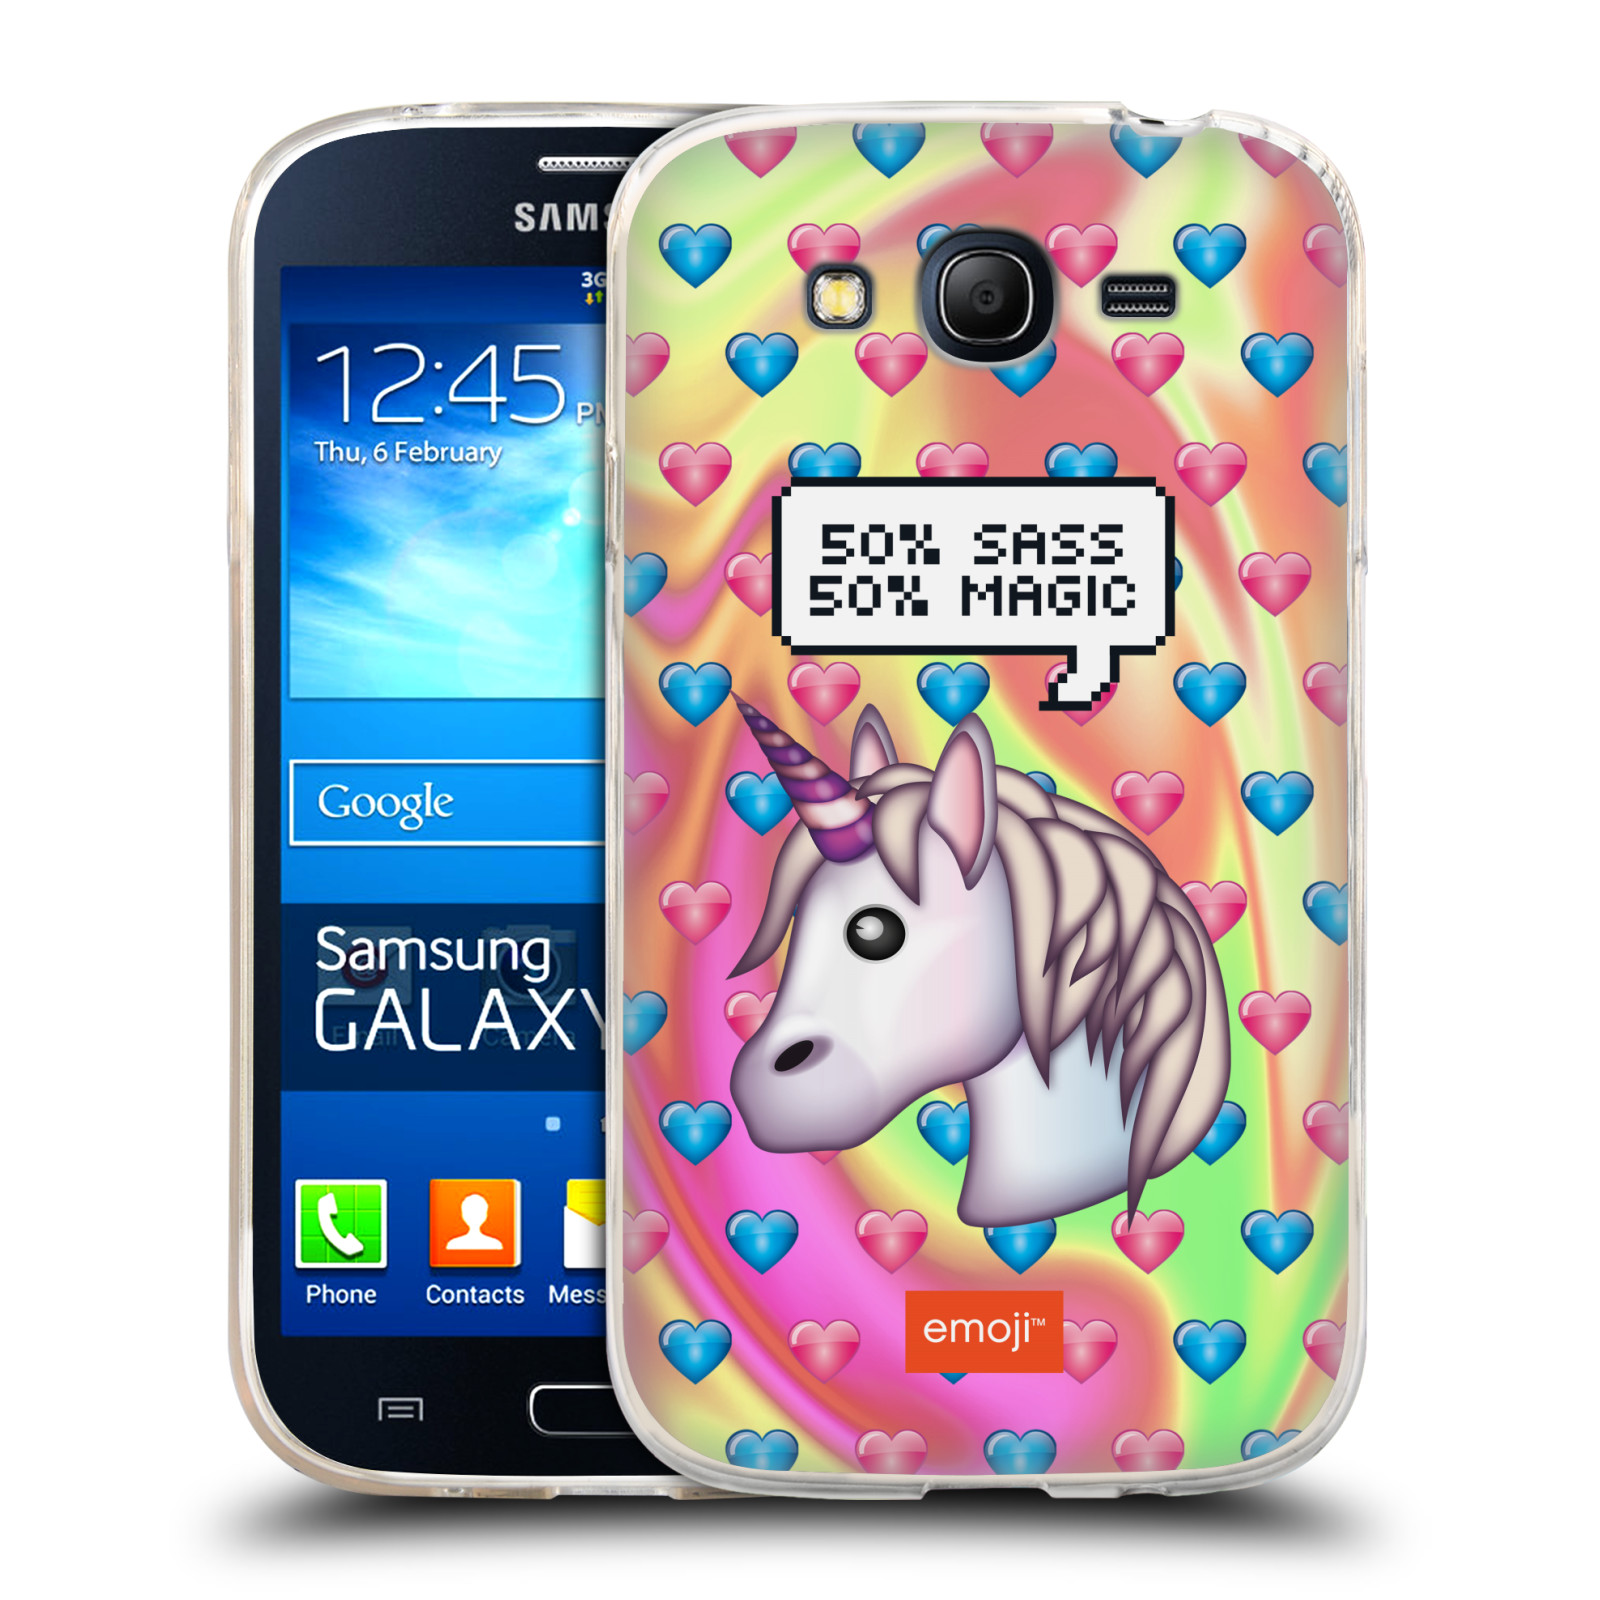 Silikonové pouzdro na mobil Samsung Galaxy Grand Neo Plus HEAD CASE EMOJI - Jednorožec (Silikonový kryt či obal s oficiálním motivem EMOJI na mobilní telefon Samsung Galaxy Grand Neo Plus Duos GT-I9060i)